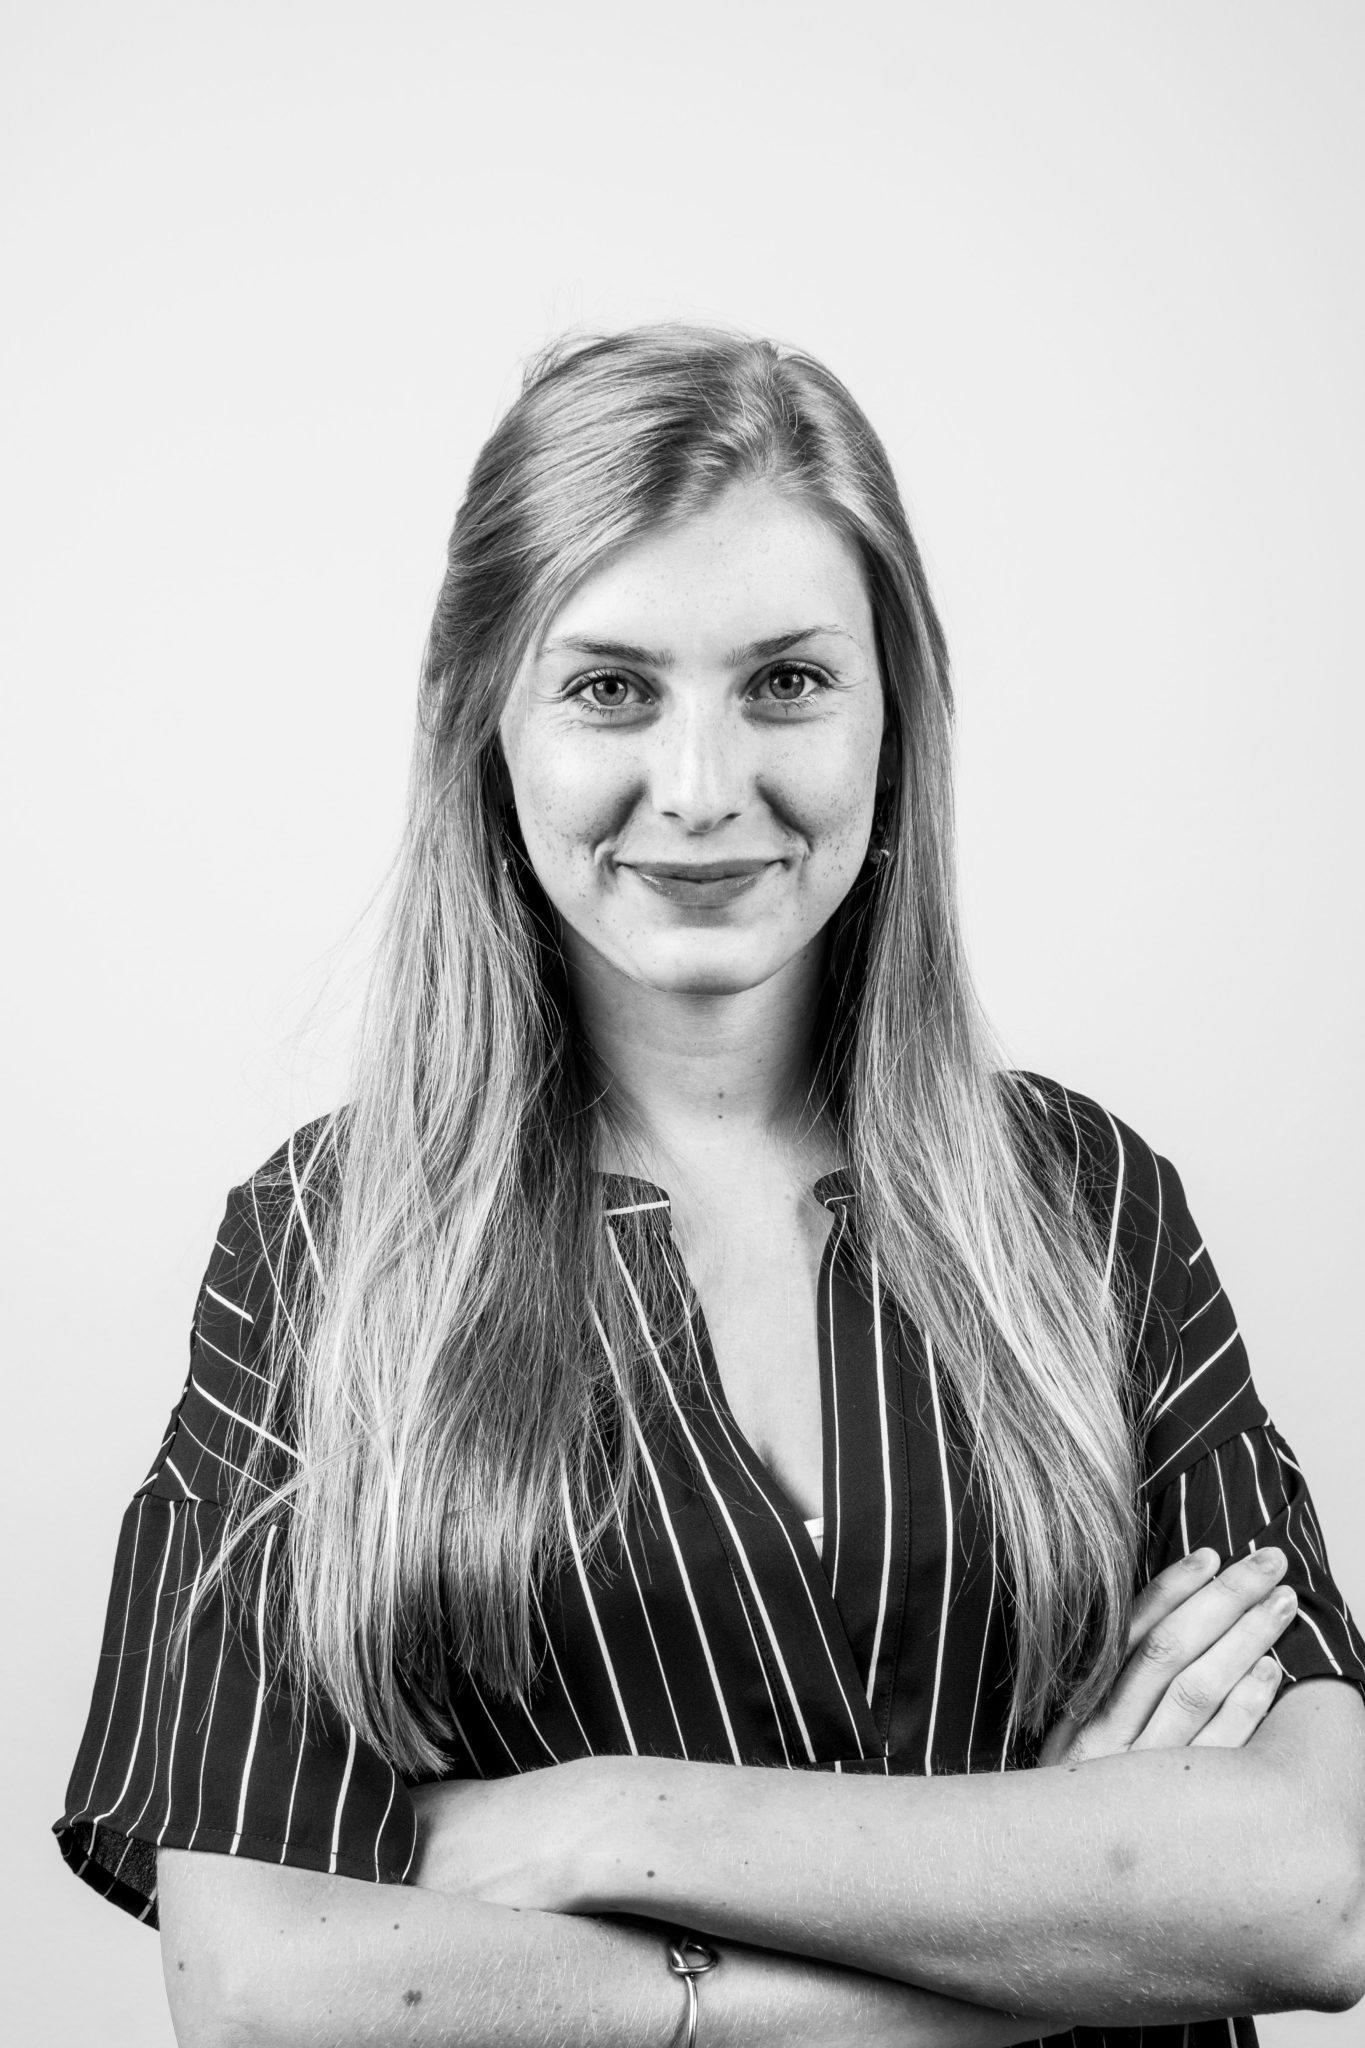 Lena Hufmann